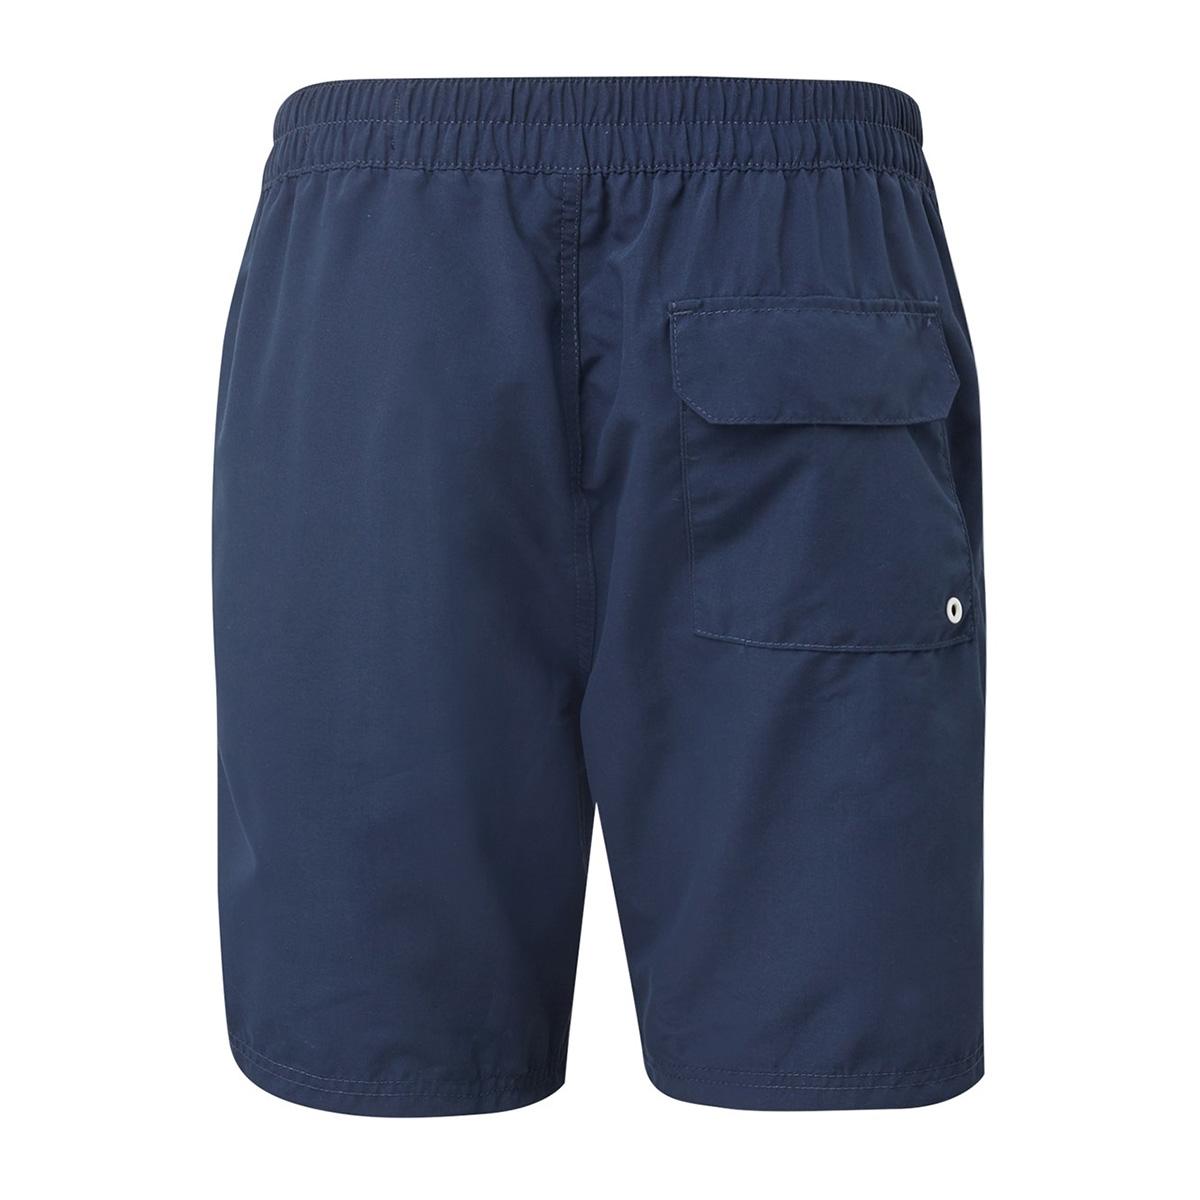 zwembroek met print 1011936xx12 tom tailor korte broek 10915